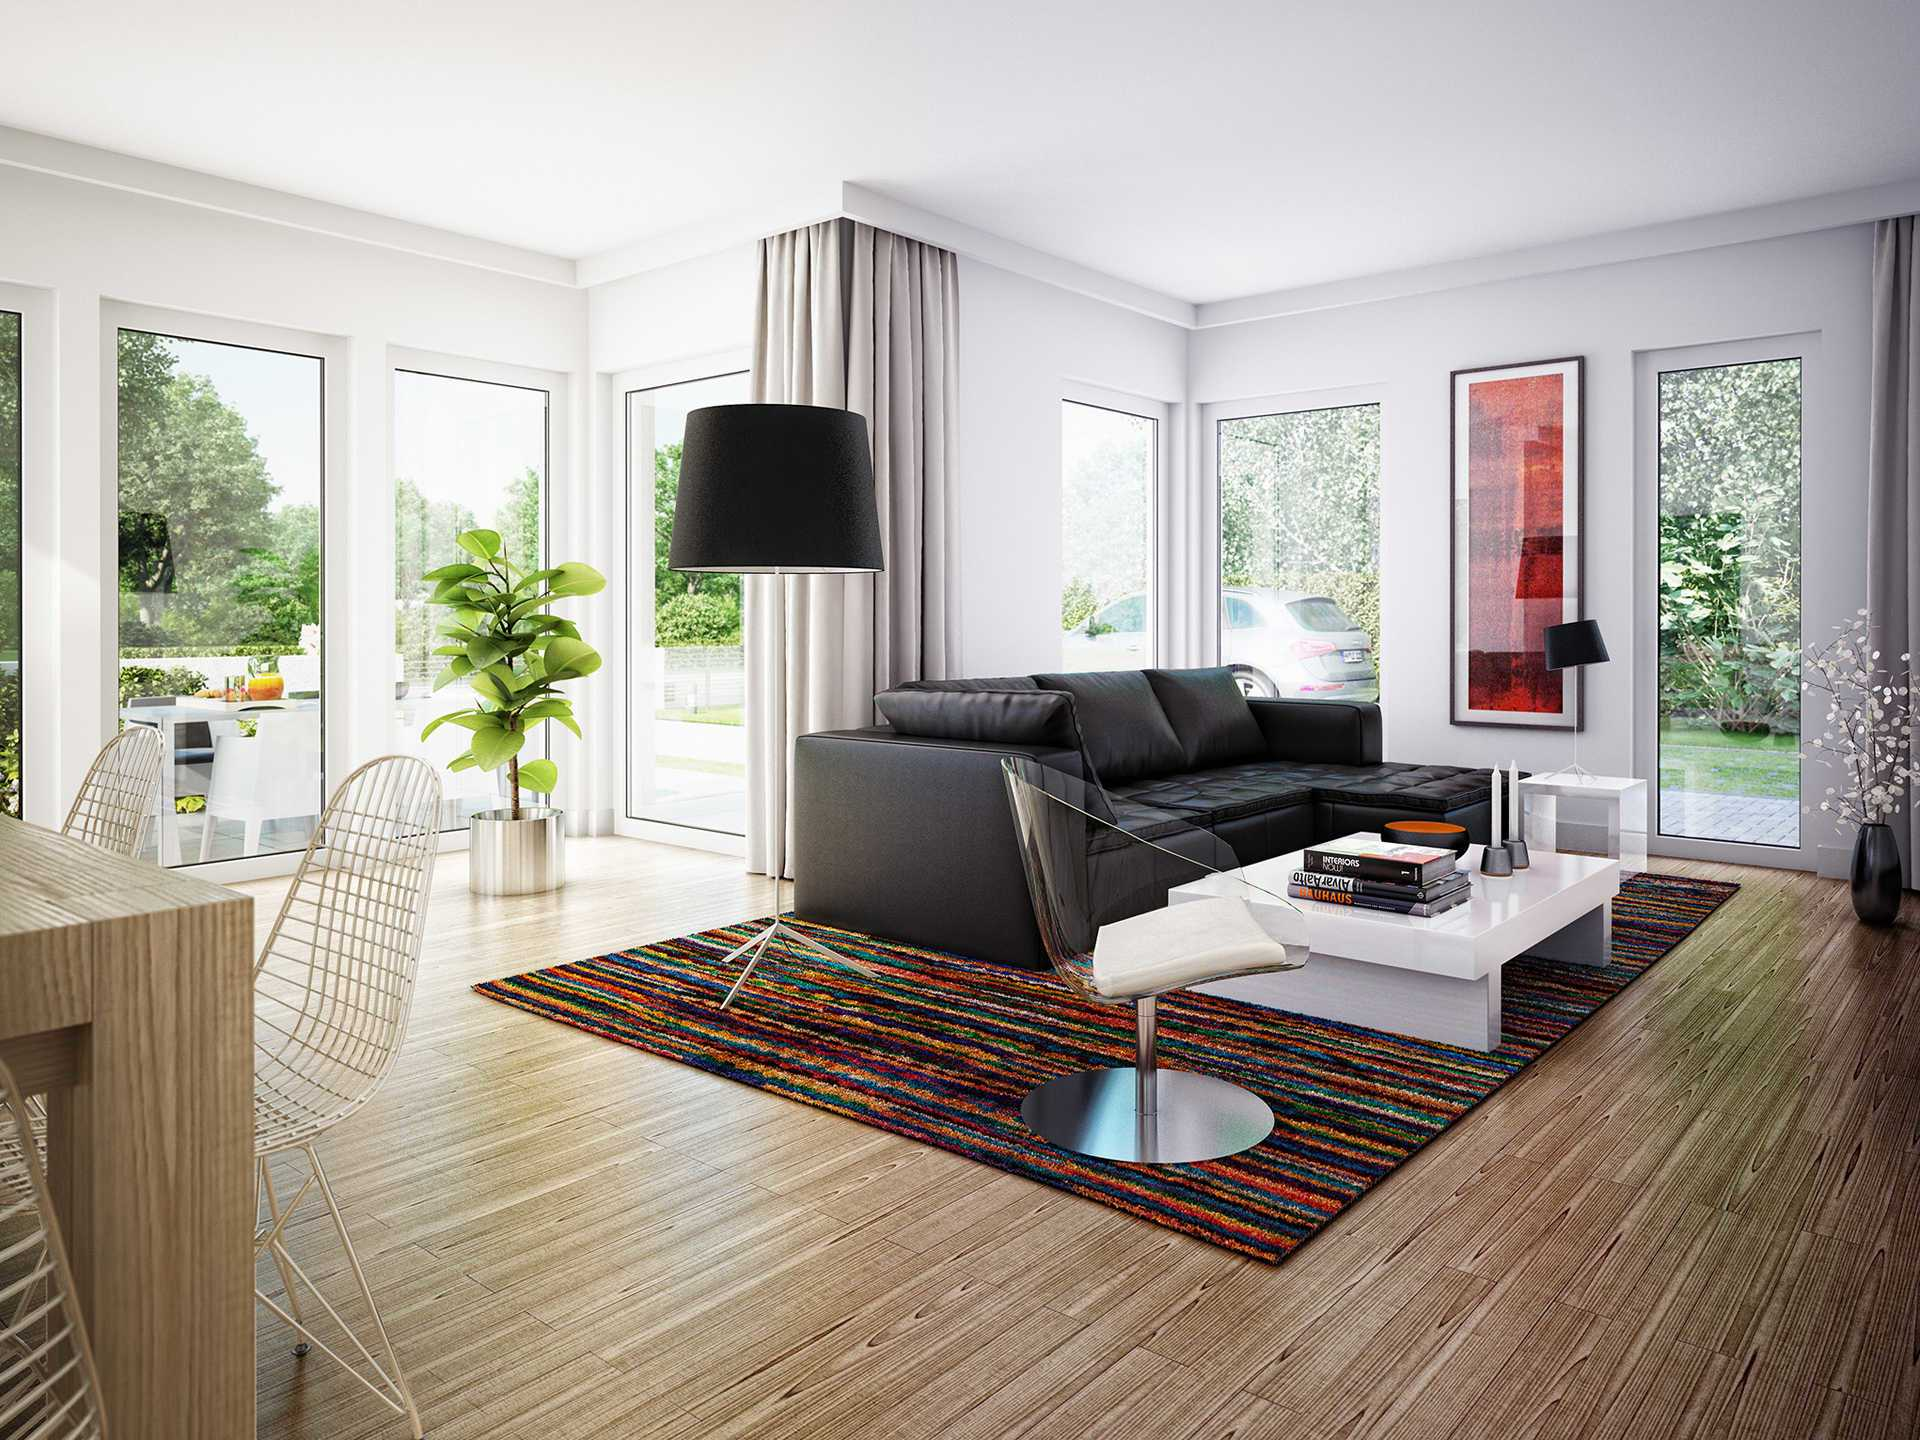 einfamilienhaus edition 1 v5 bien zenker. Black Bedroom Furniture Sets. Home Design Ideas